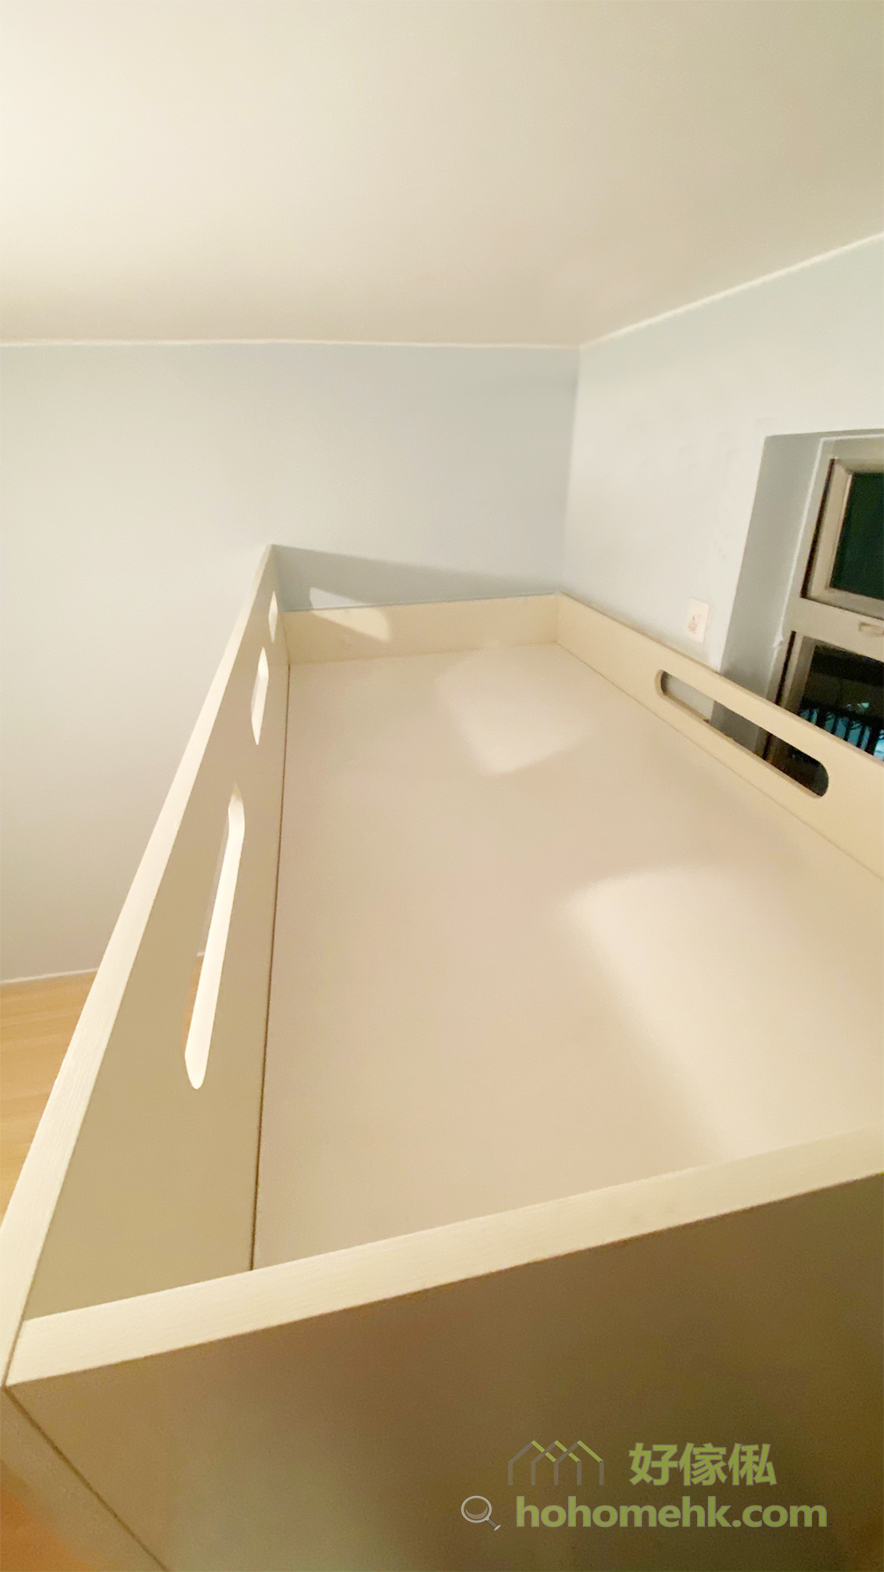 上格床採用不對稱的圍欄設計,向外的圍欄會比較高,確保安全,而靠窗的圍欄則比較矮,令上格床更加通爽、明亮